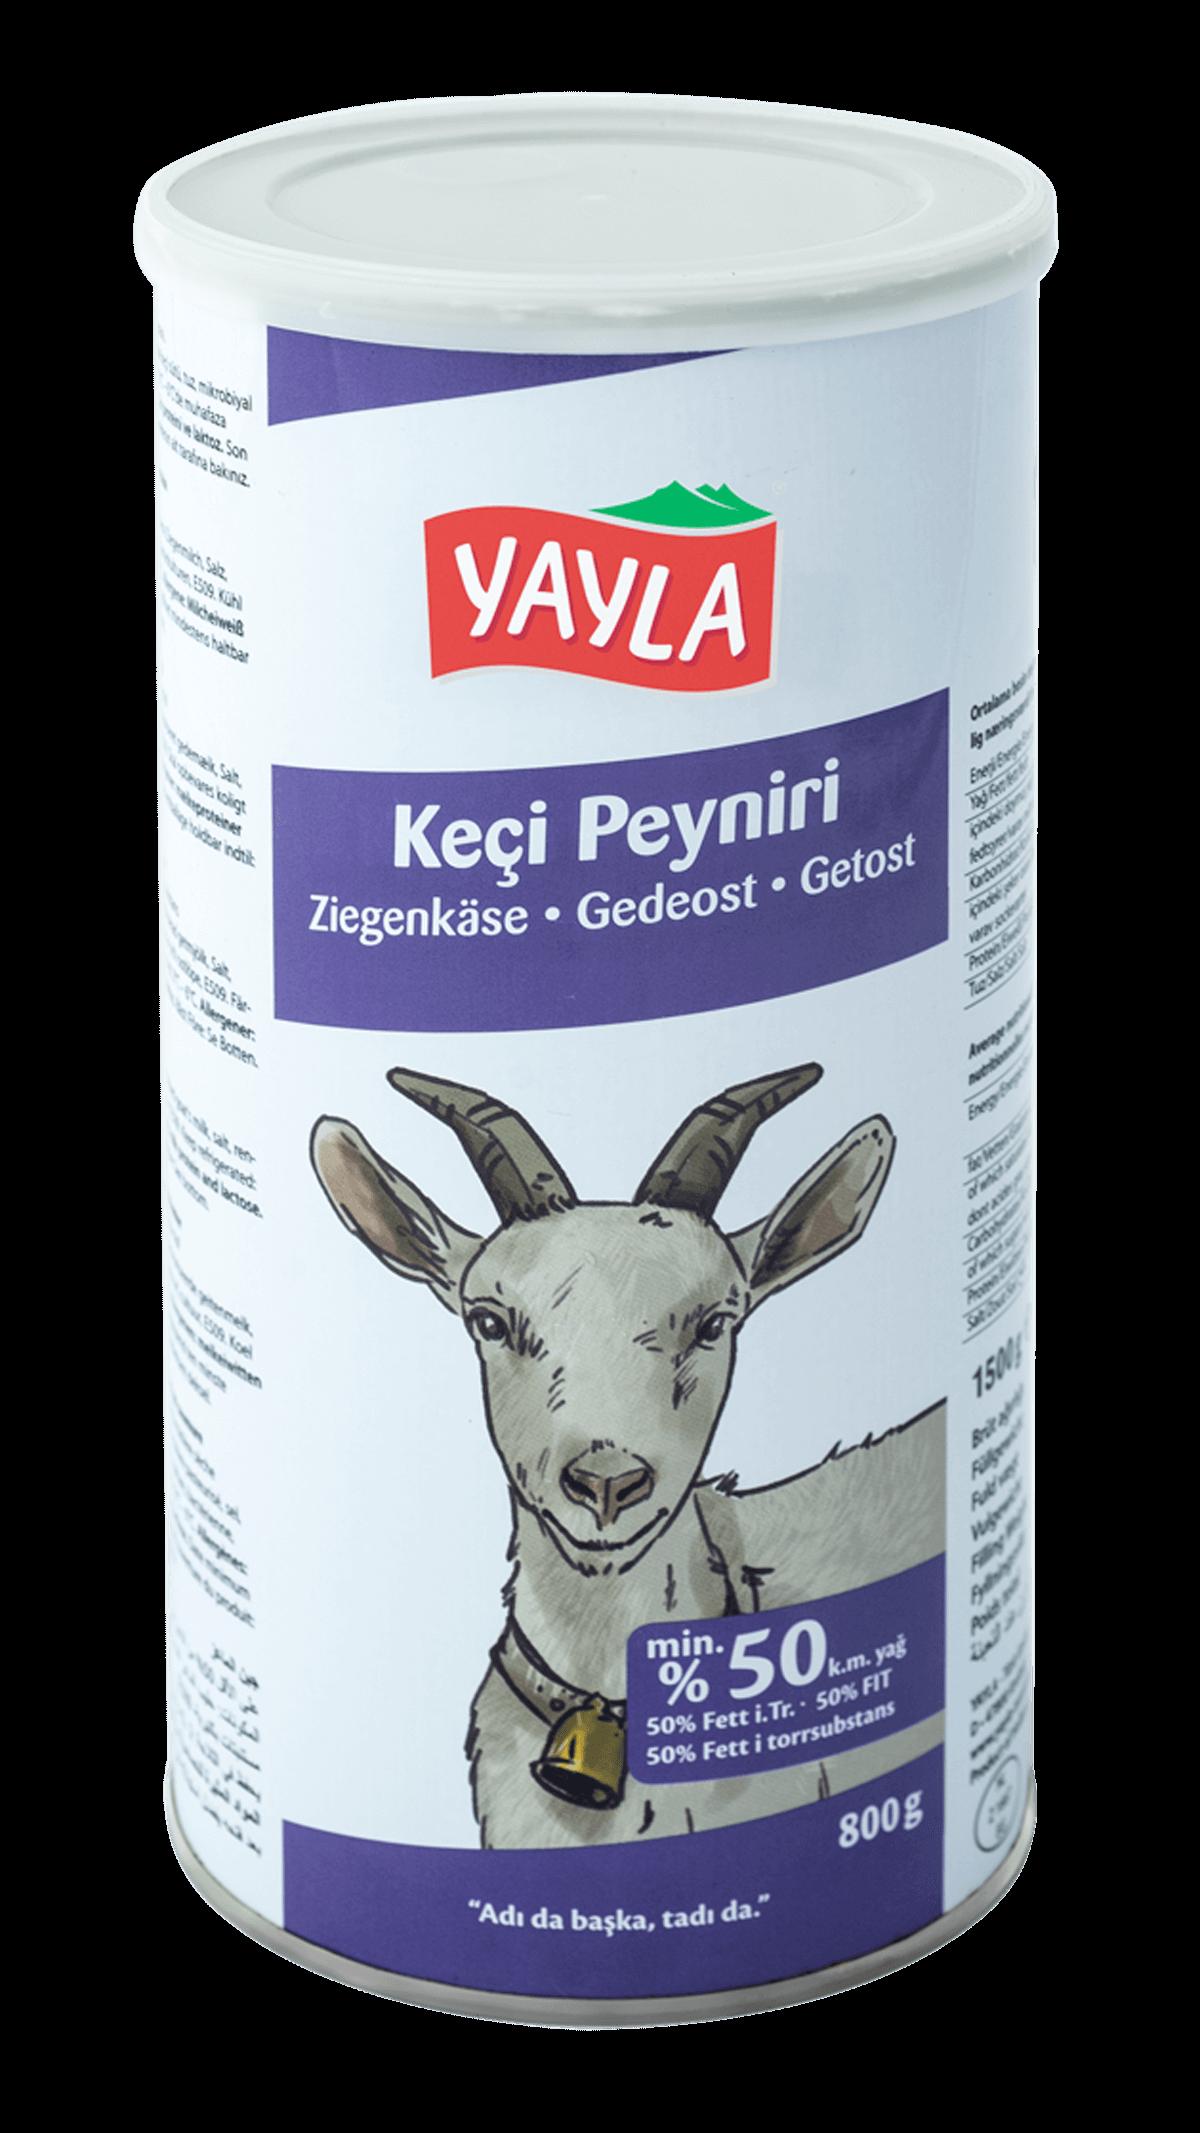 Yayla Keci Peyniri / Ziegenkäse 1500g